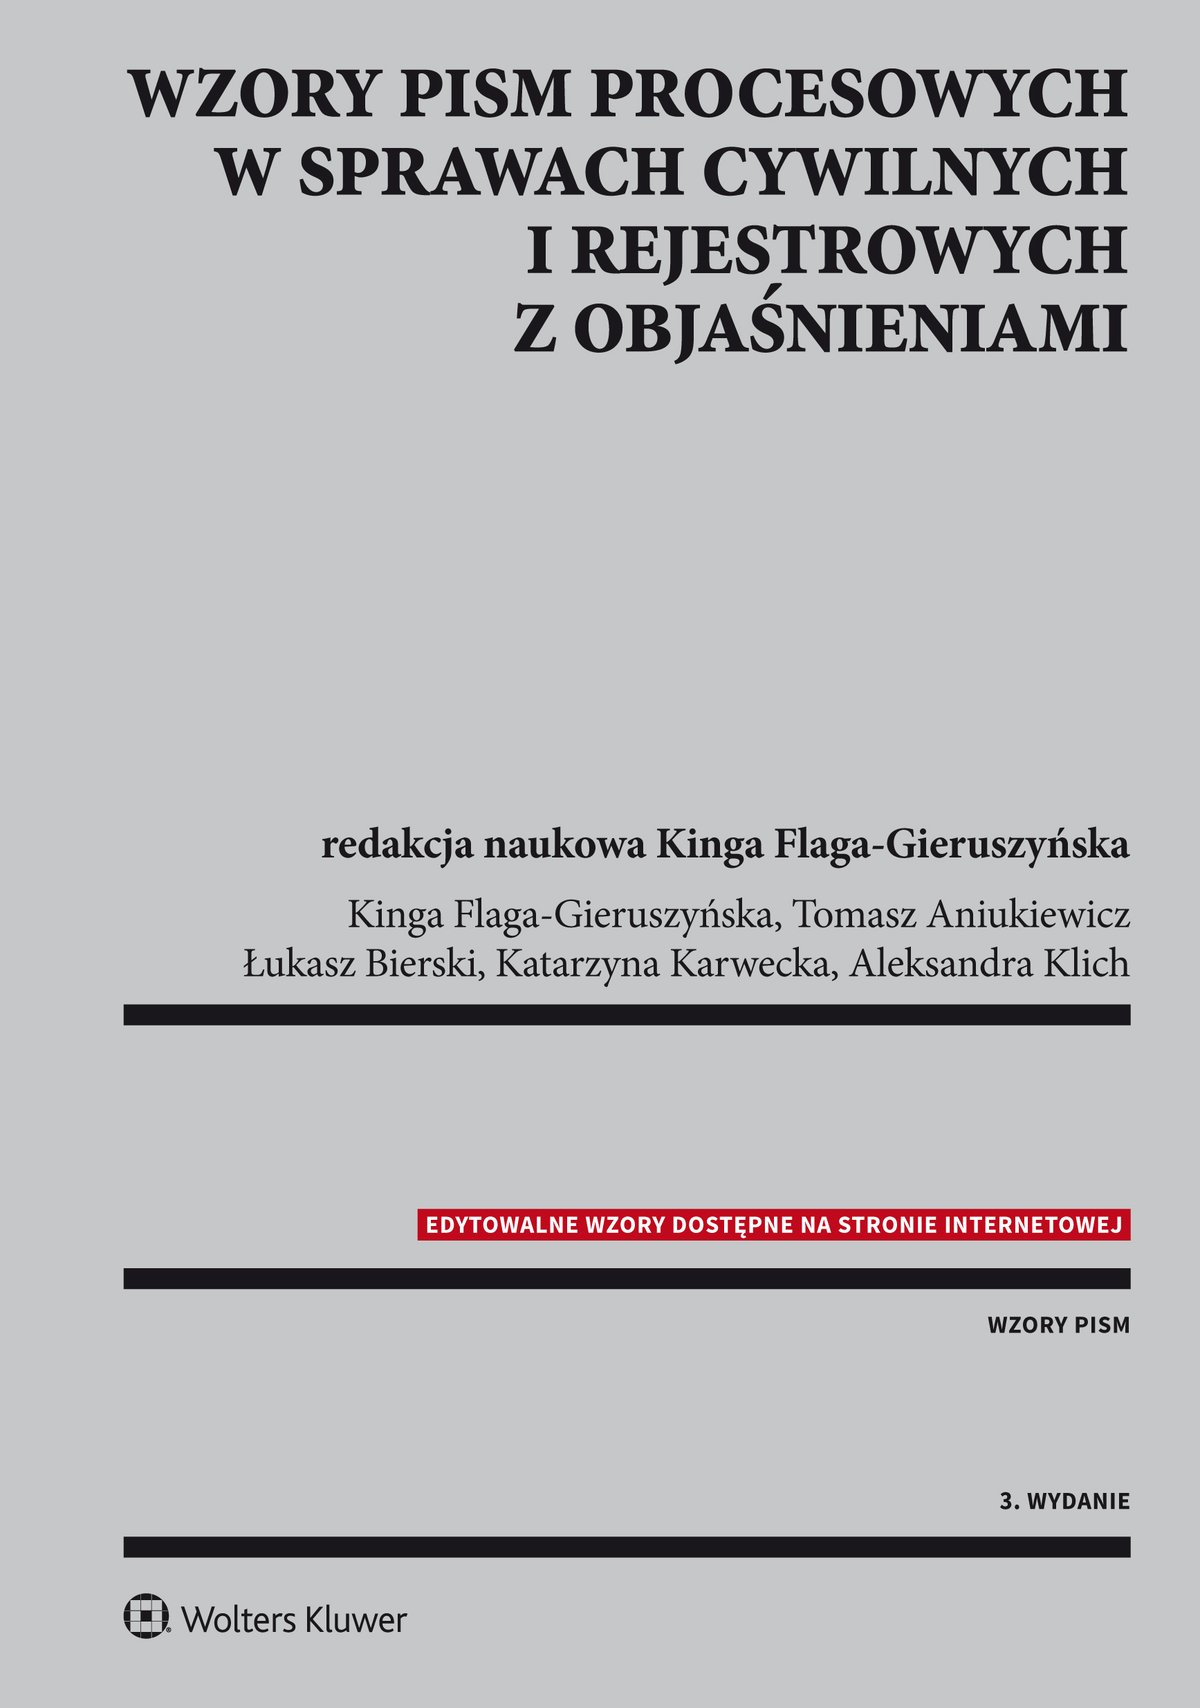 Wzory pism procesowych w sprawach cywilnych i rejestrowych z objaśnieniami - Ebook (Książka PDF) do pobrania w formacie PDF